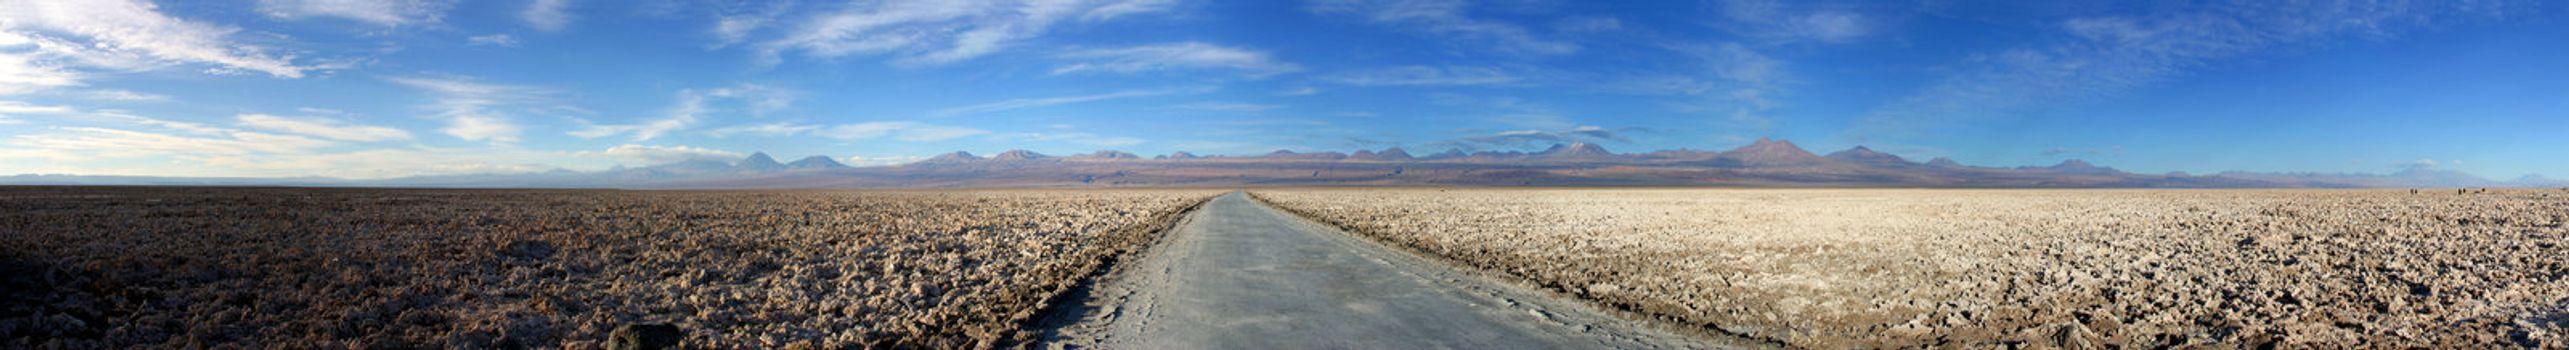 Panorama of Salar de Atacama